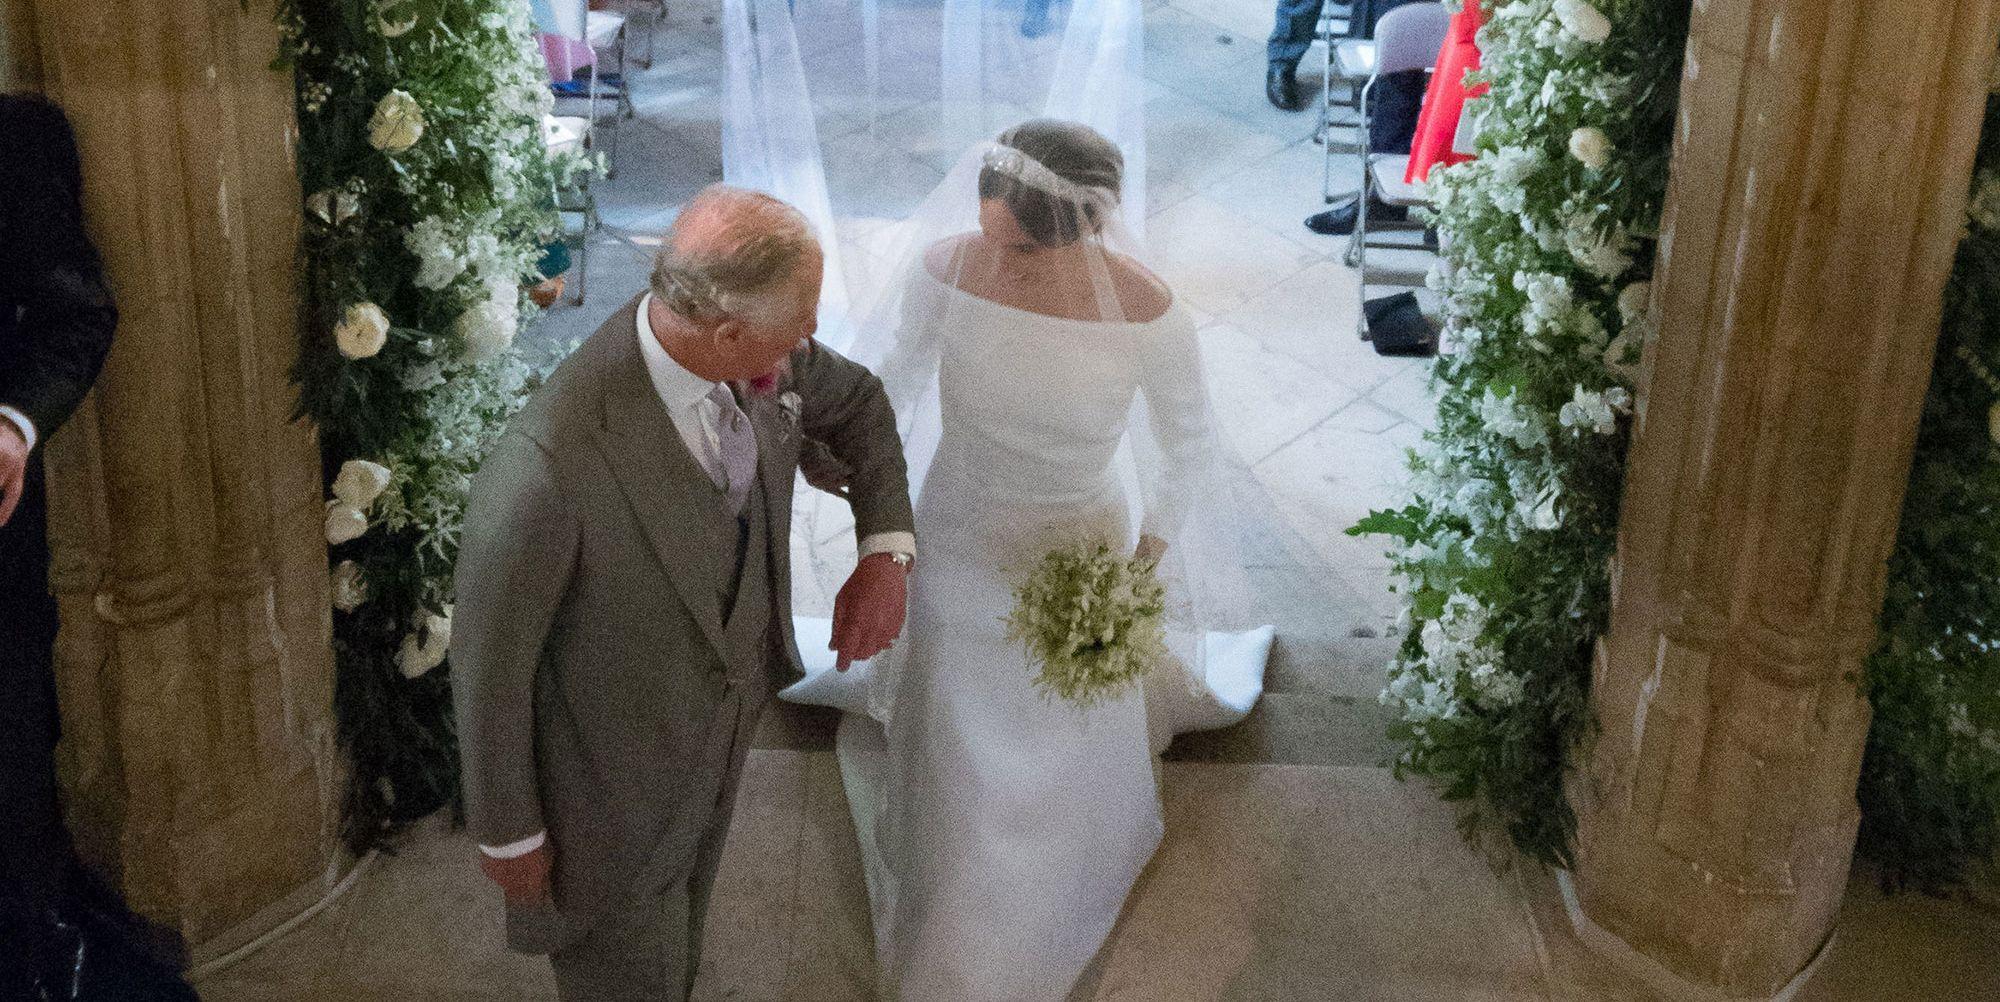 Meghan and Charles at the royal wedding